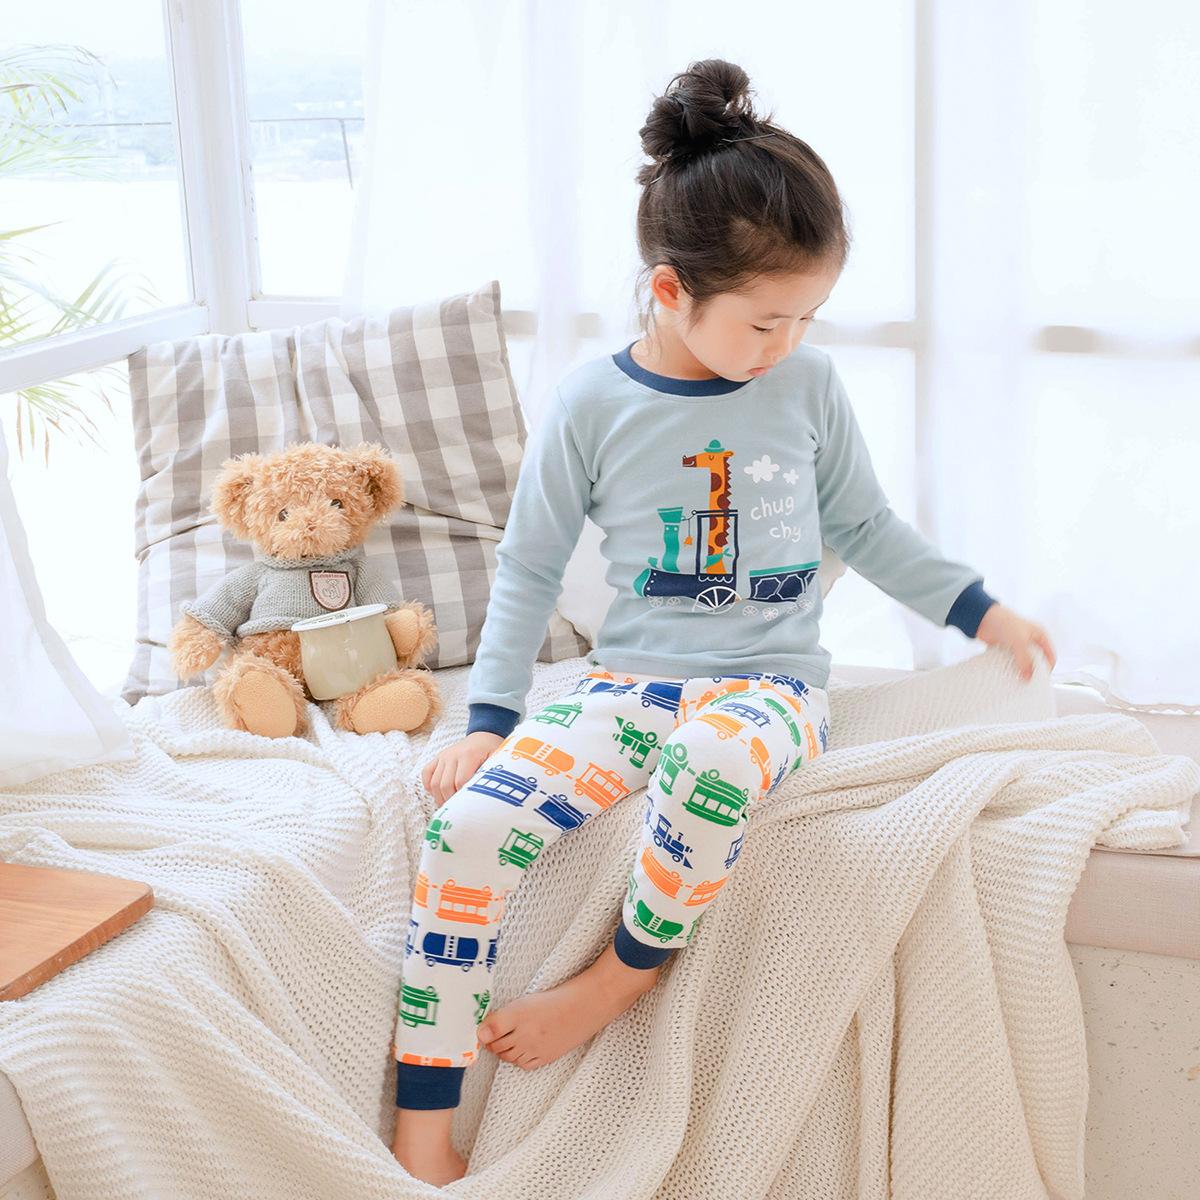 MOMBEBE Đồ ngủ trẻ em Mô hình vụ nổ 2019 mùa thu và mùa đông trẻ em đồ ngủ trẻ em phục vụ tại nhà ph